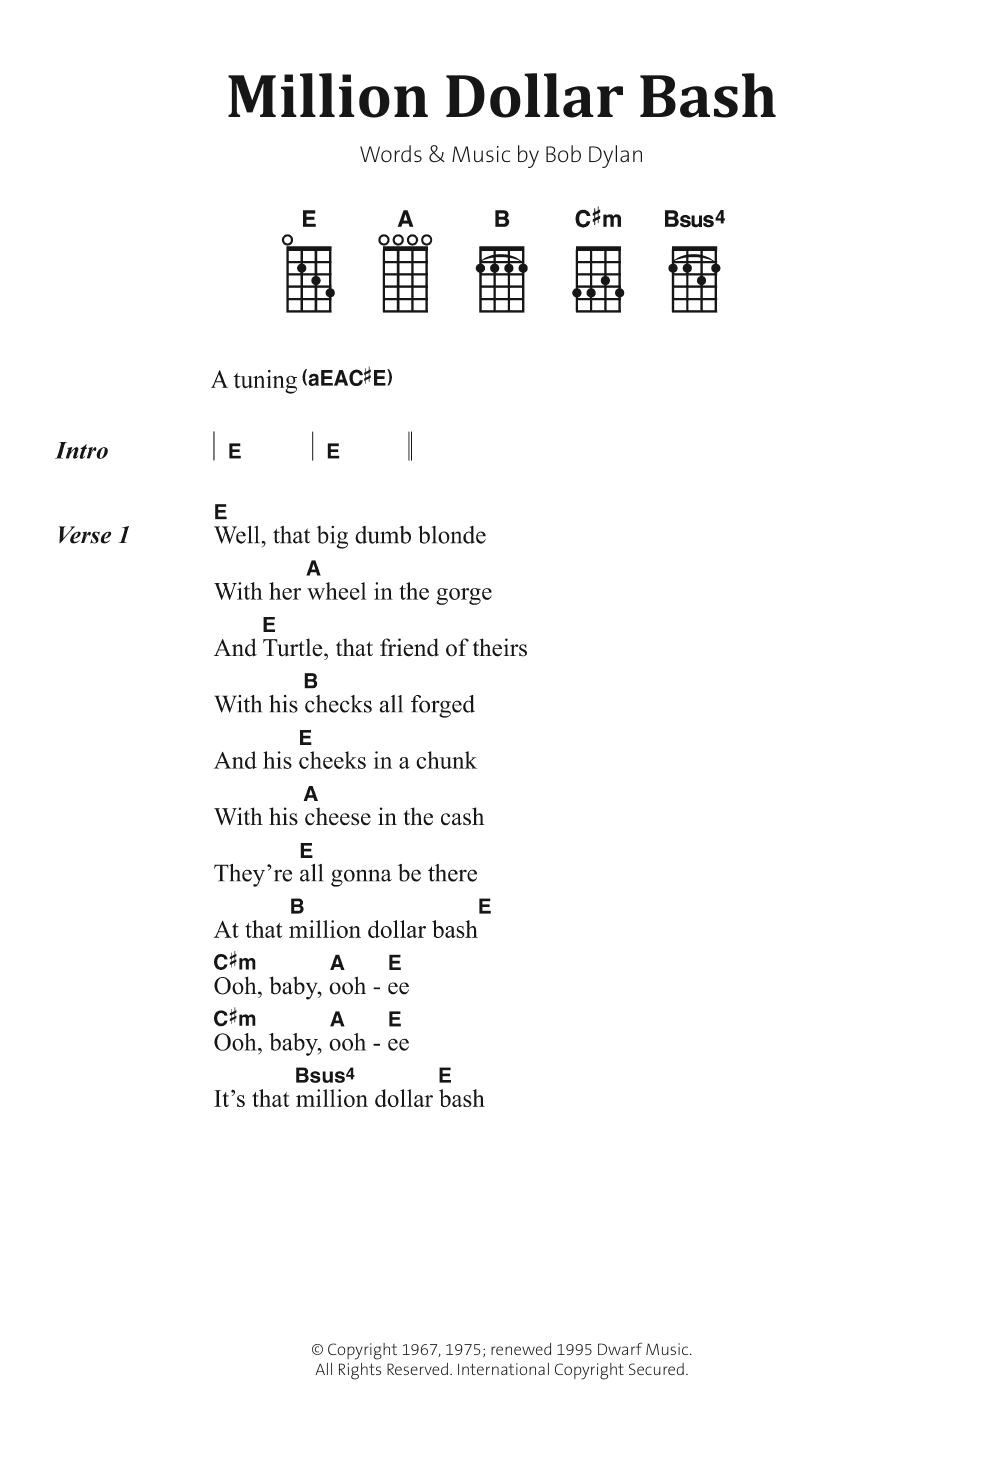 Million Dollar Bash Sheet Music